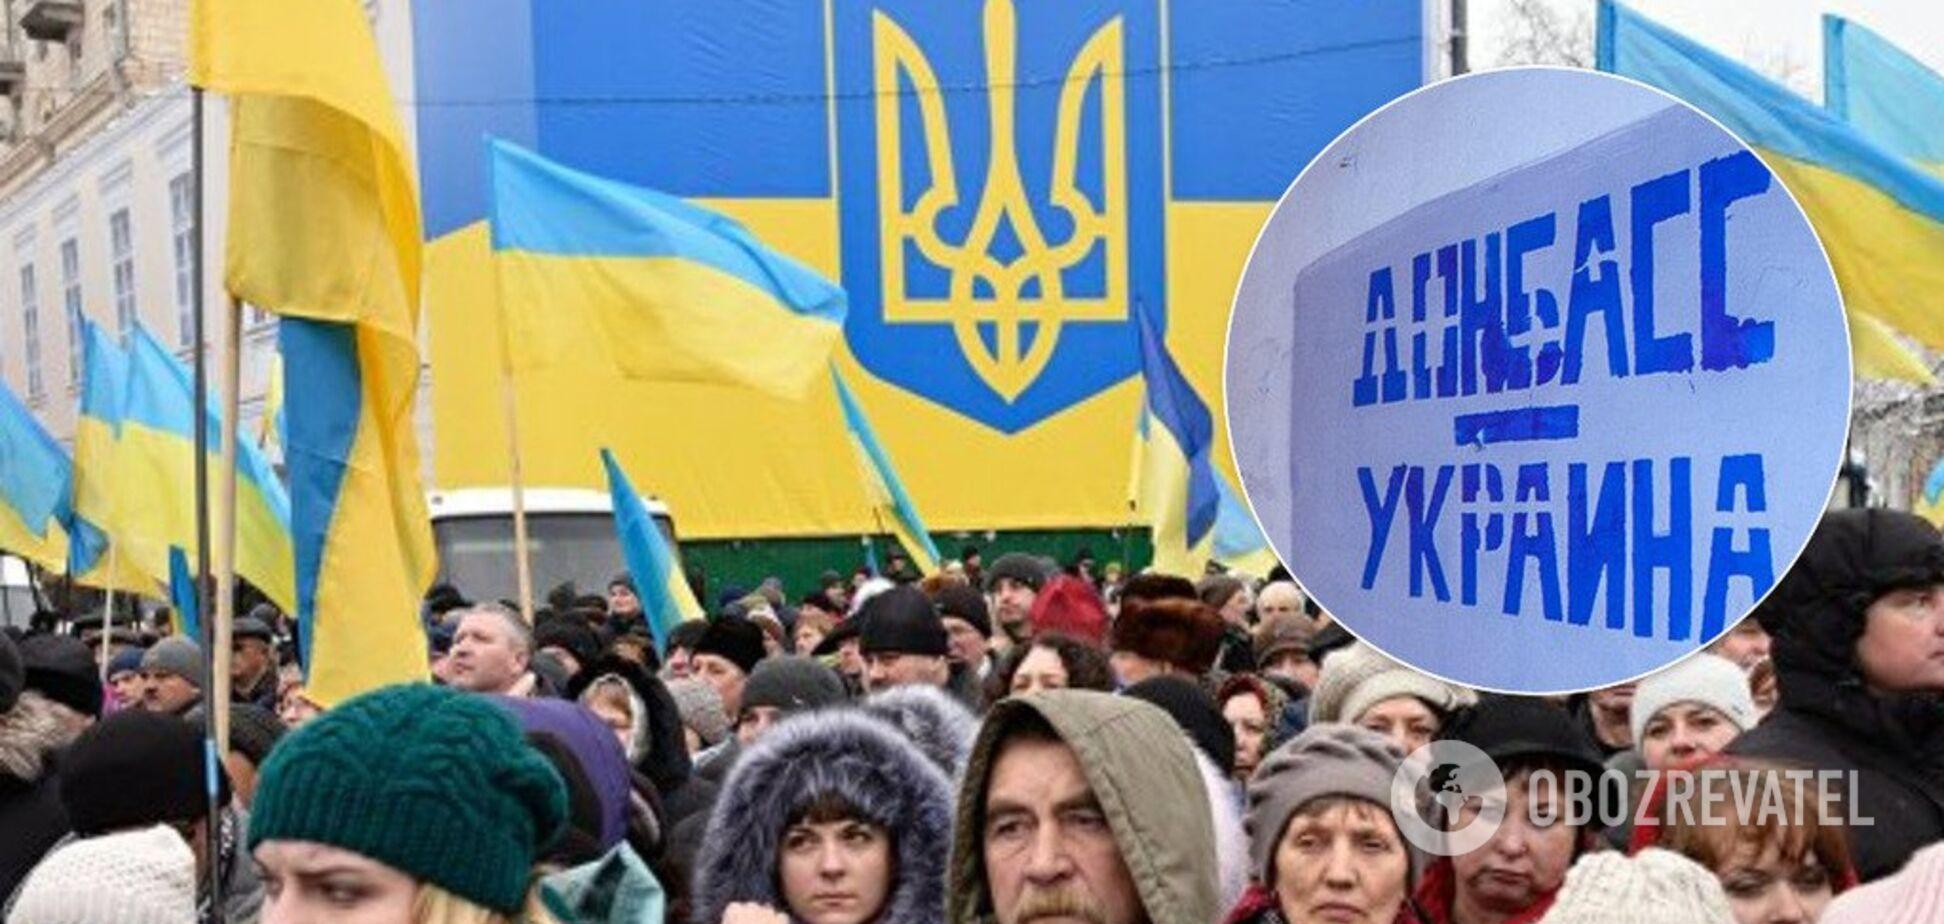 Українці виступили проти особливого статусу для Донбасу